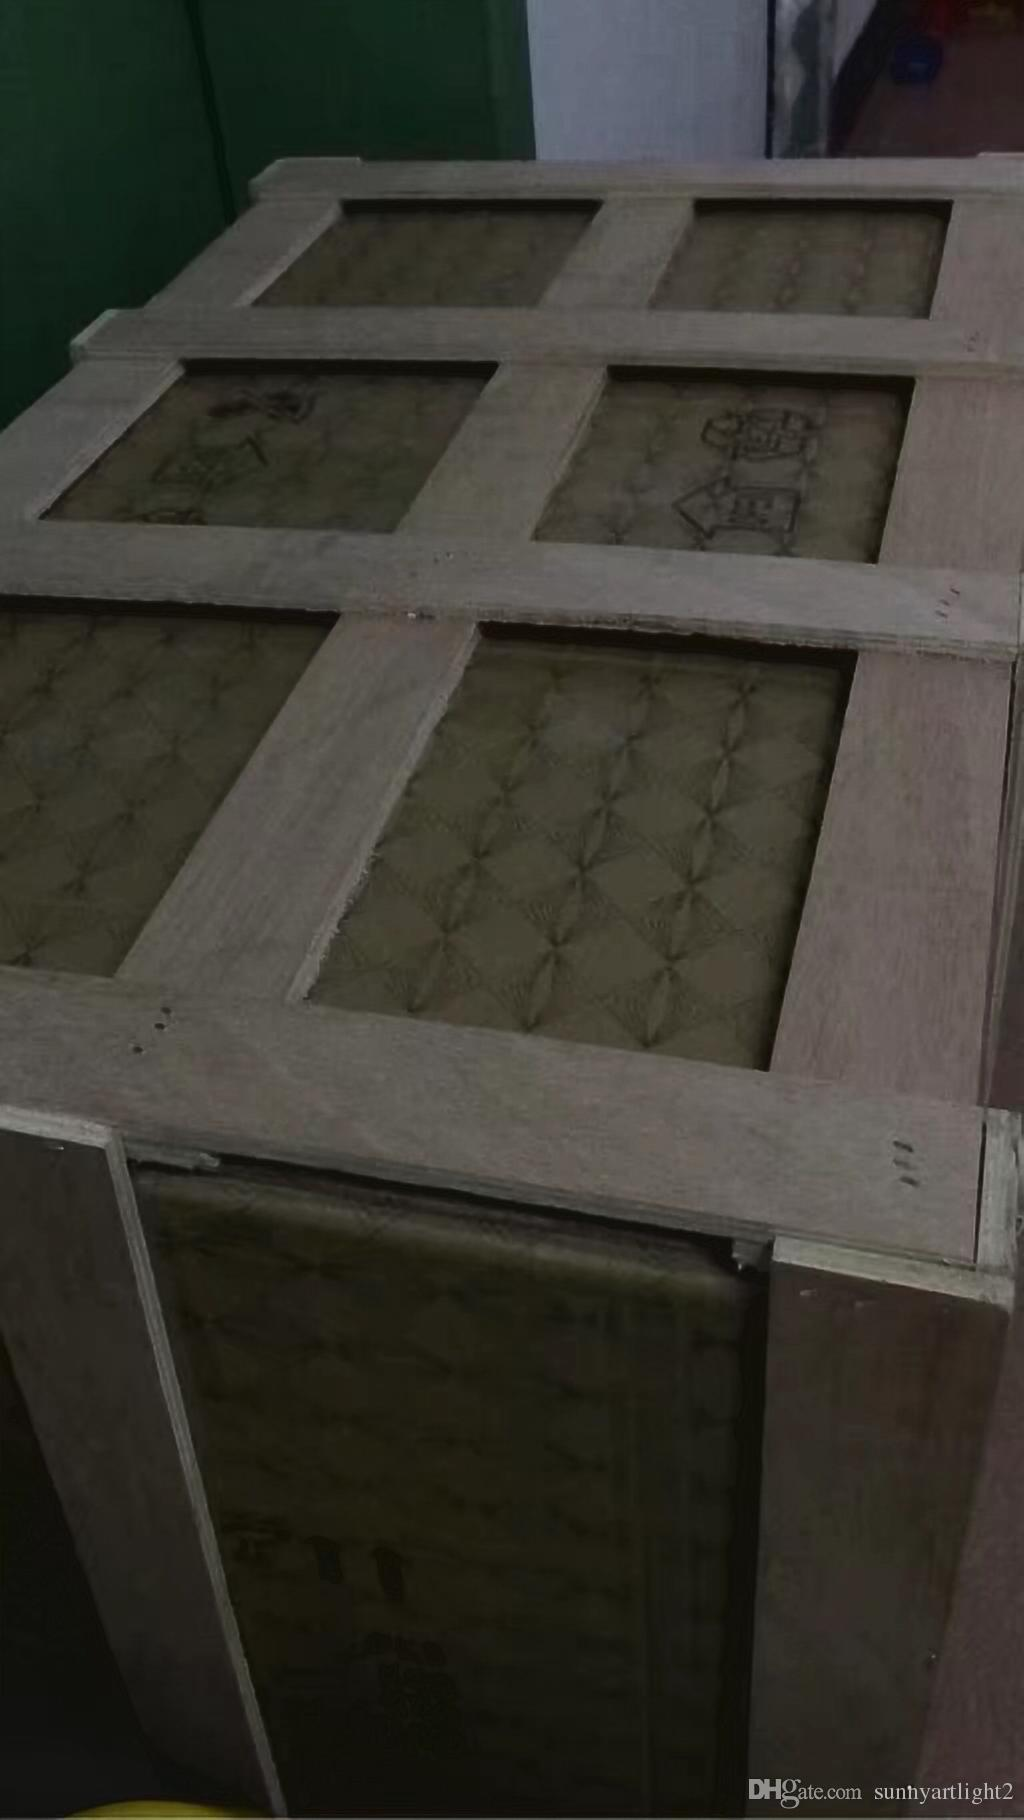 Atacado Decoração moderna Ferro teto de vidro Europeia Candelabro Home Decor Contemporary lustres de vidro interior luminária